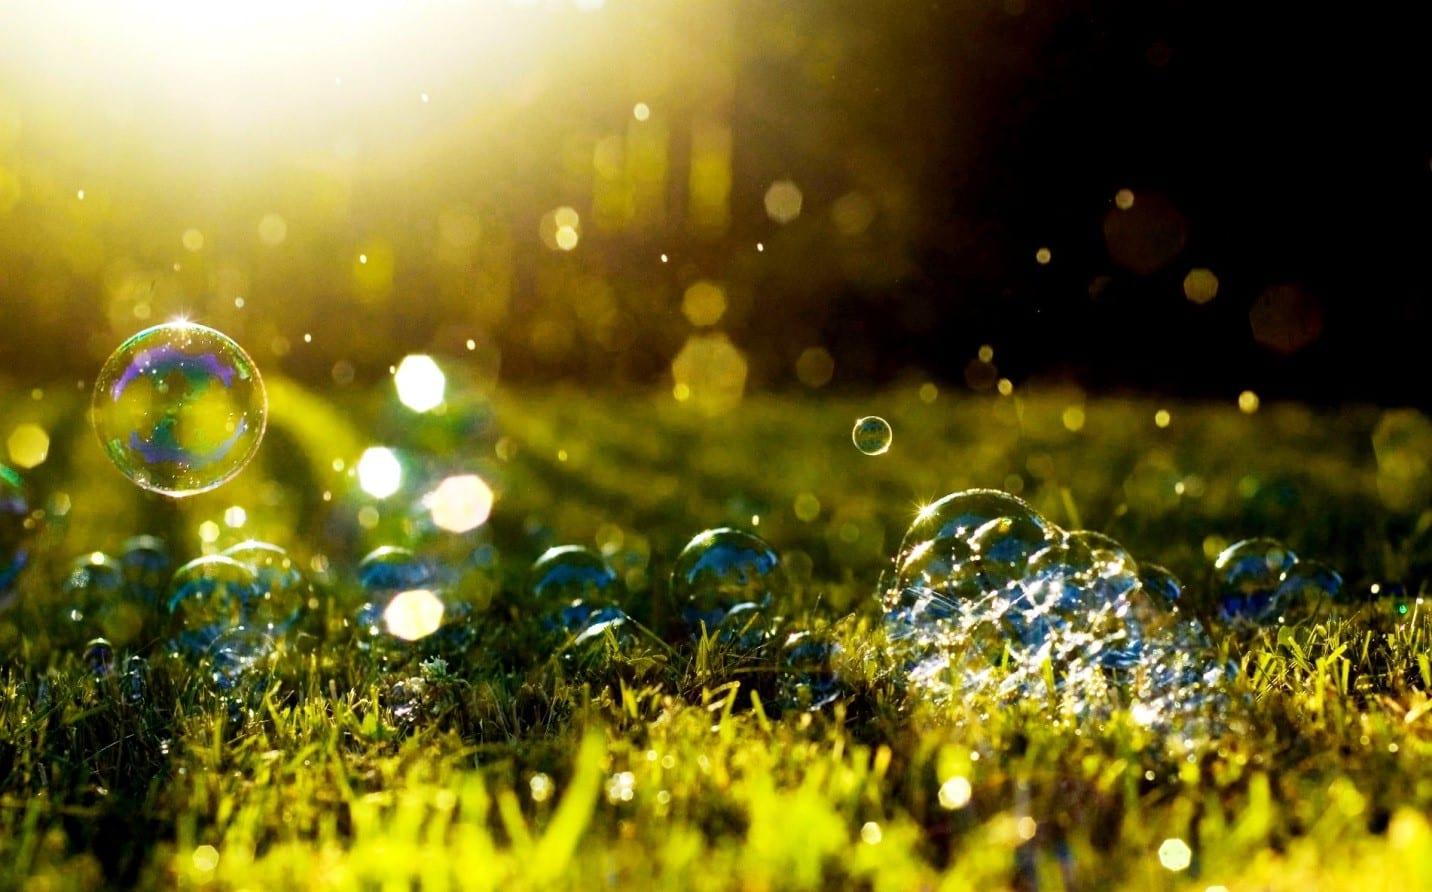 Рецепты мыльных пузырей в домашних условиях | Как сделать мыльные пузыри в домашних условиях